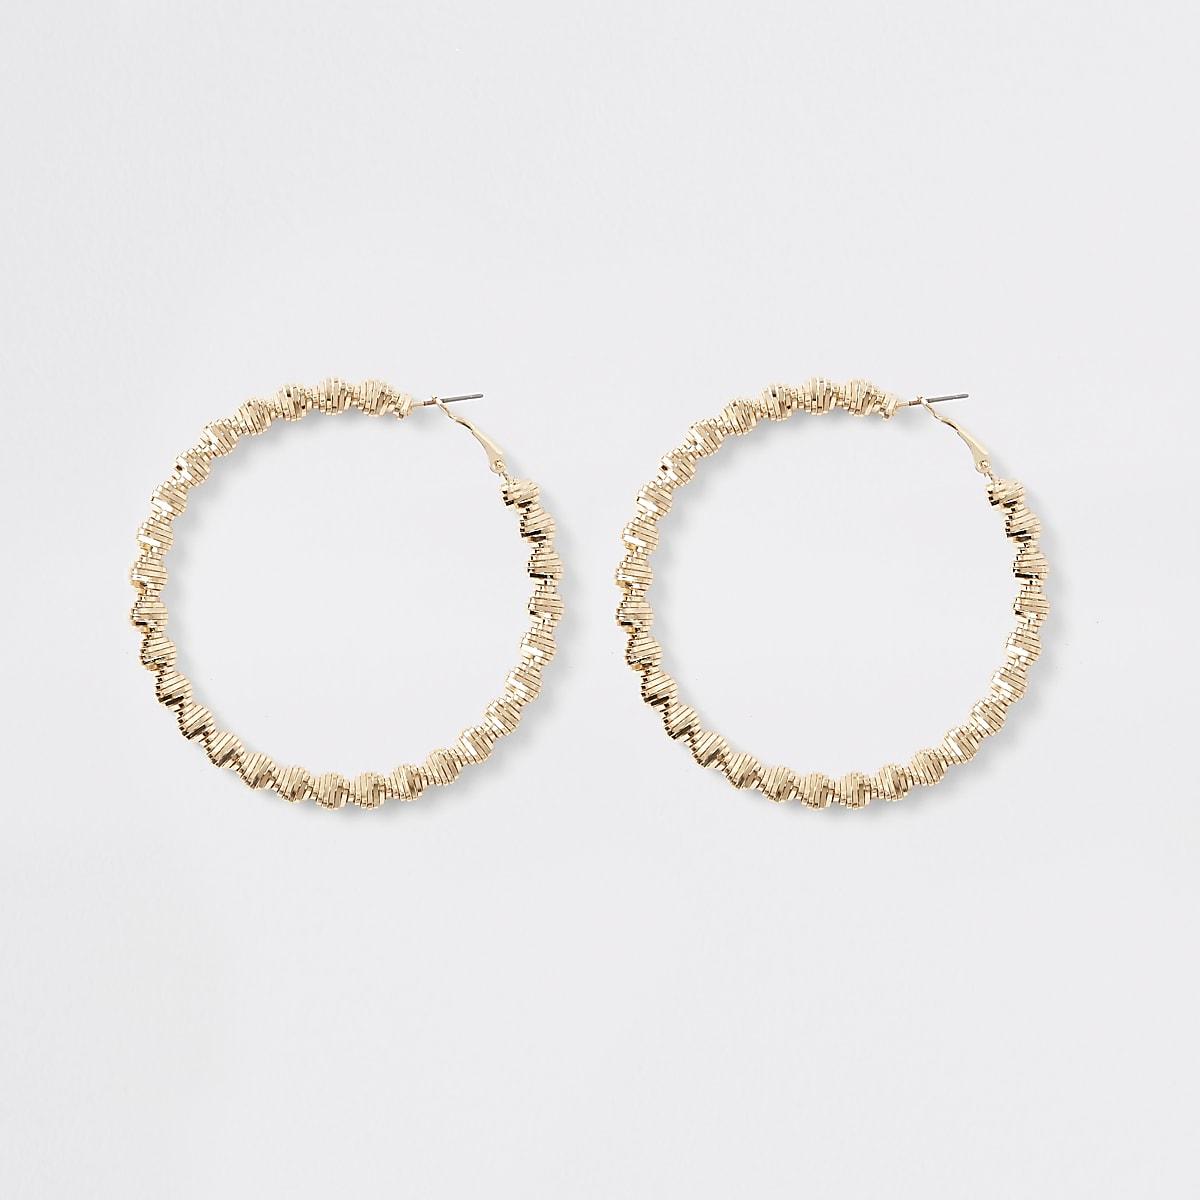 Gold color bobble rope hoop earrings